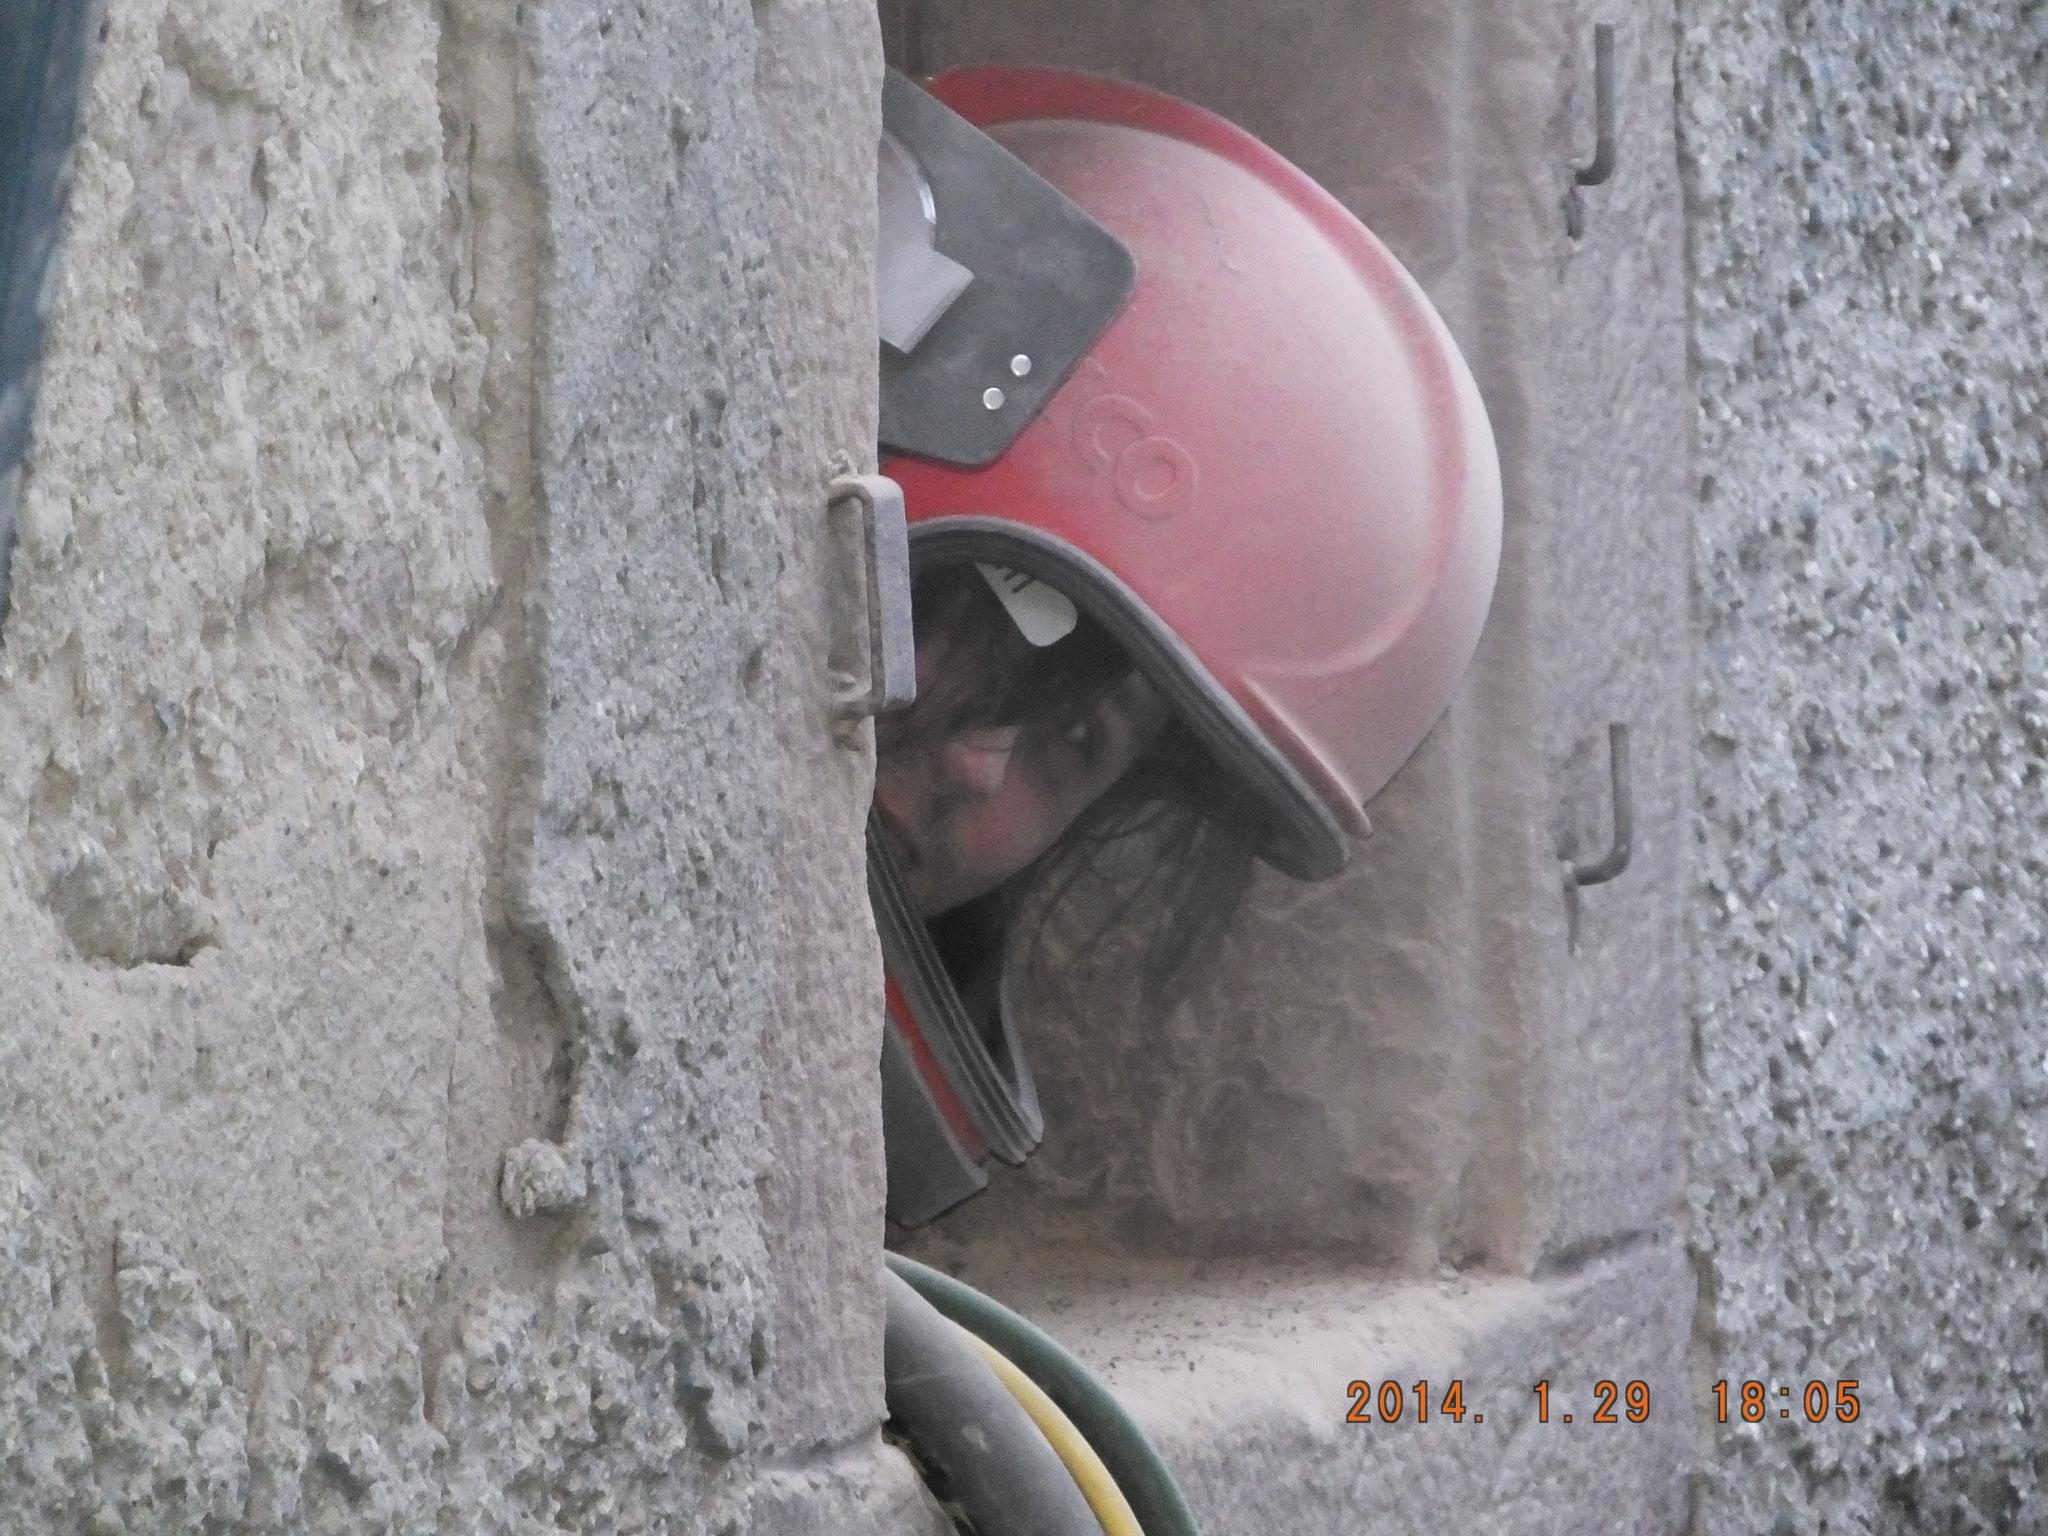 Bauwerksabdichtung  Reinigung Sandstrahlen / Sandstrahlverfahren